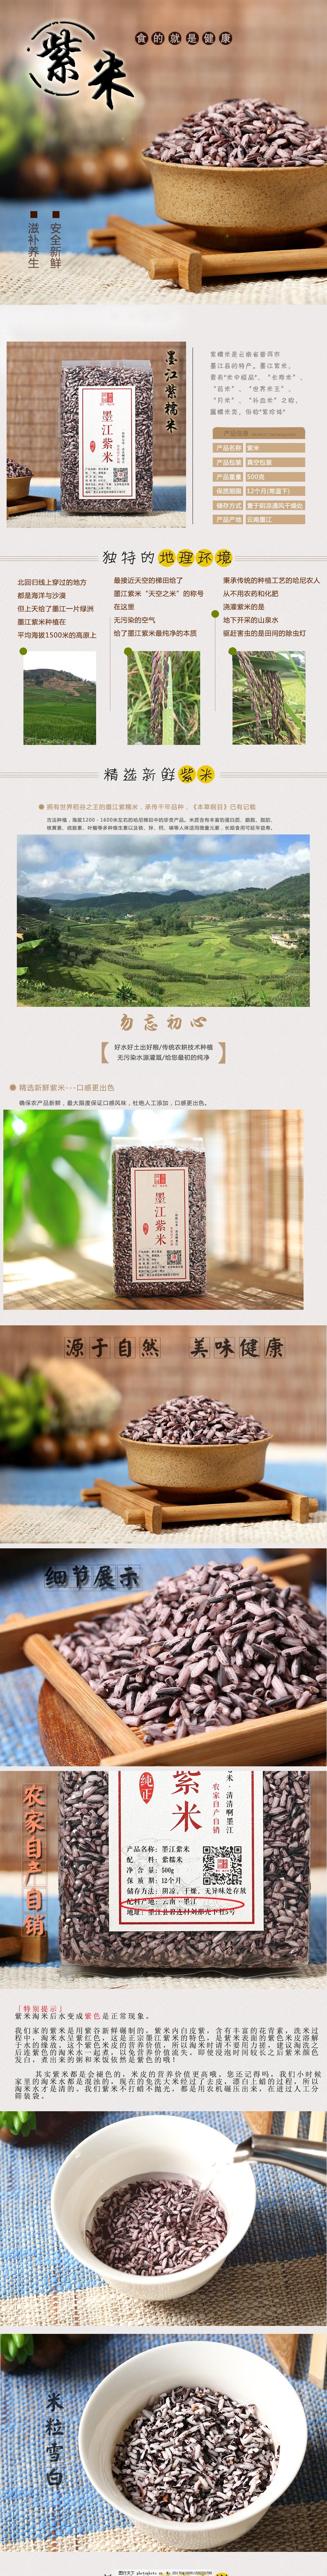 紫米详情页 中国 云南 昆明 摄影 土特产 人文 墨江 谷物